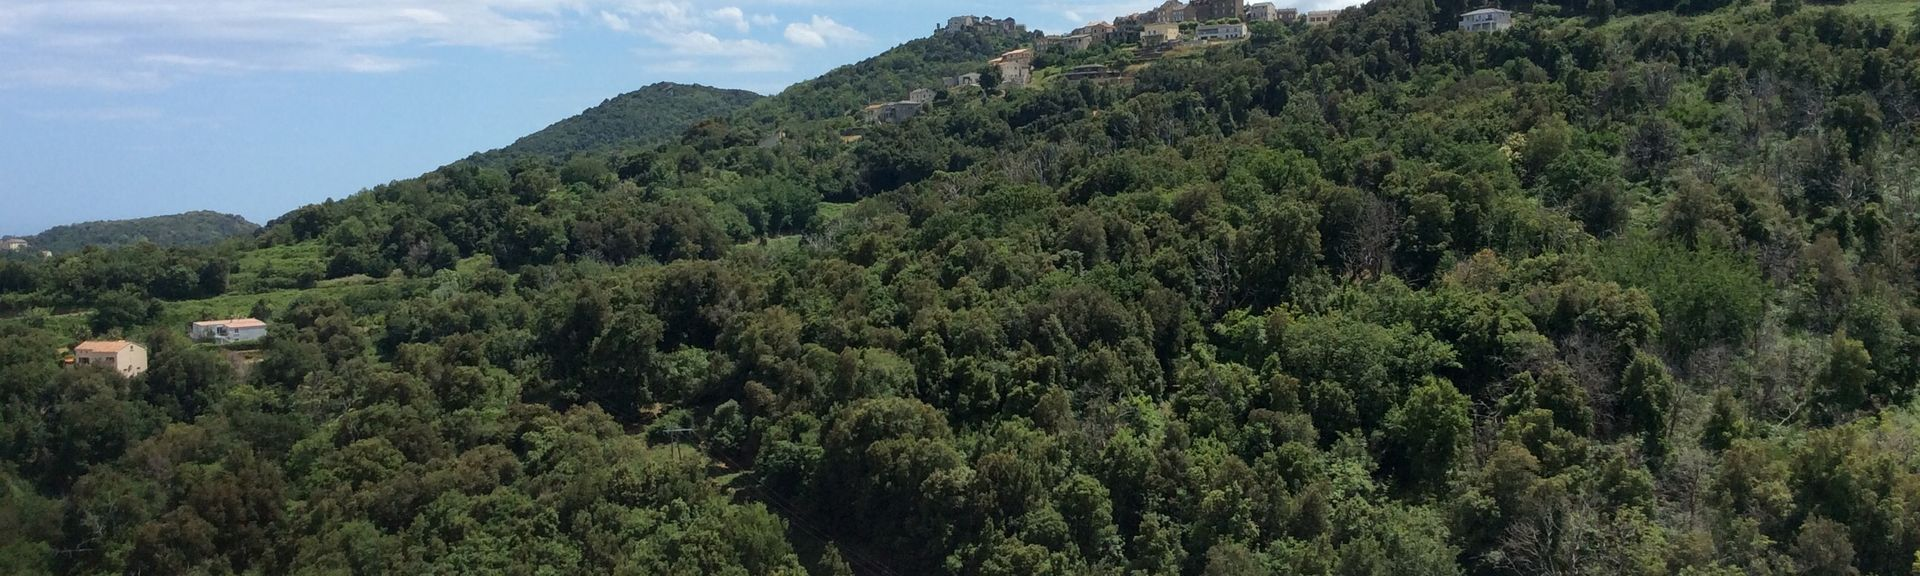 Poggio-Marinaccio, Corsica, Frankrijk